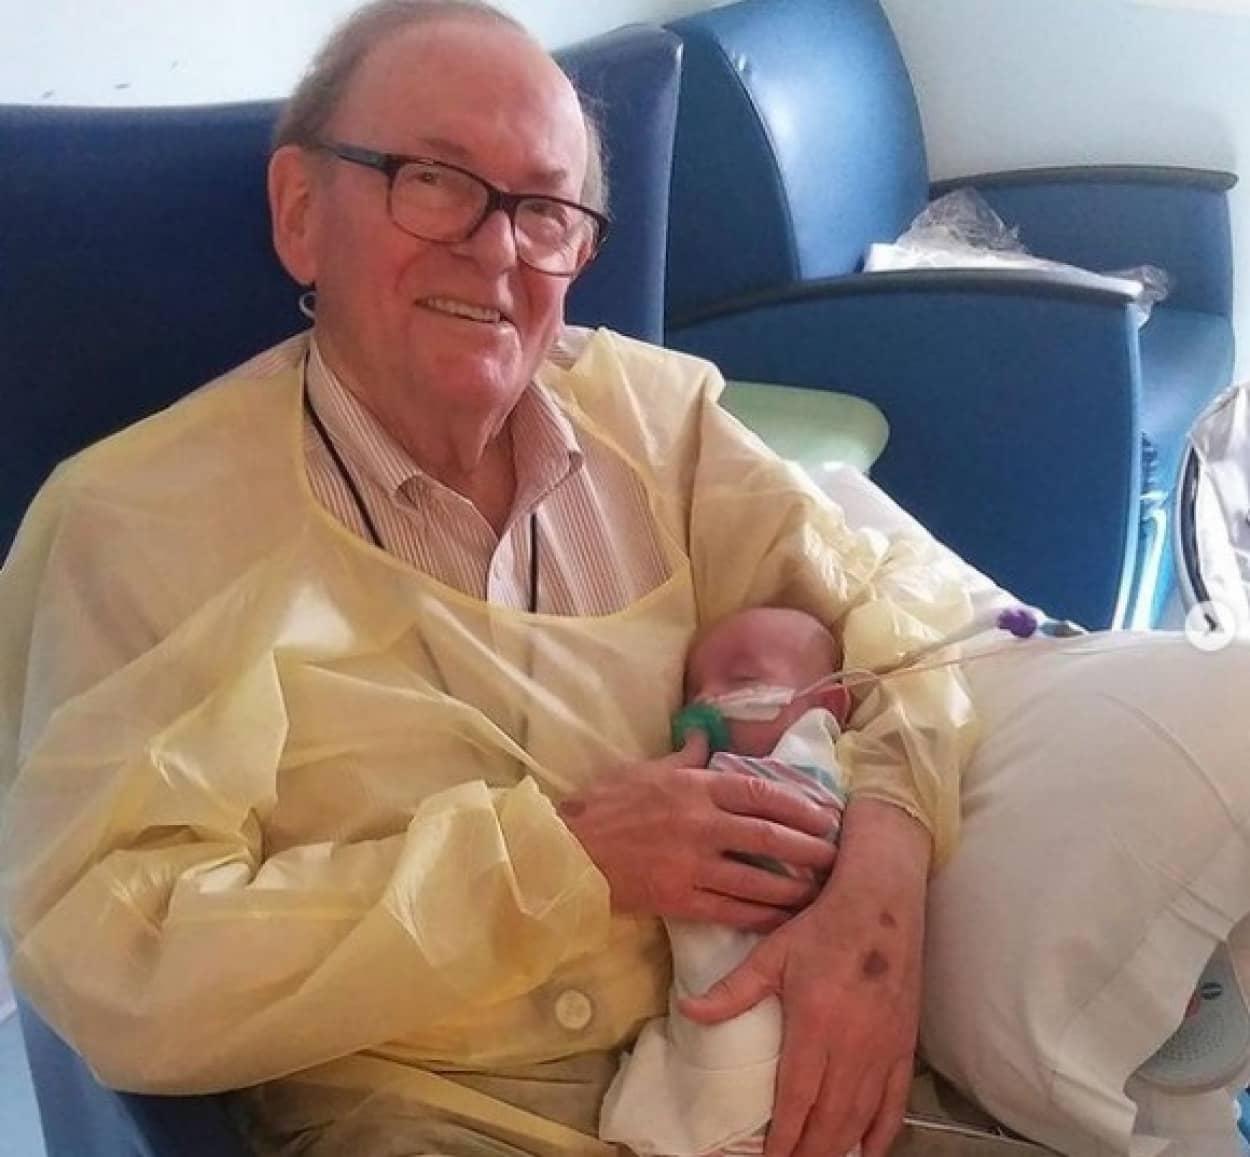 病気の新生児に無償の愛を与え続けたおじいさん